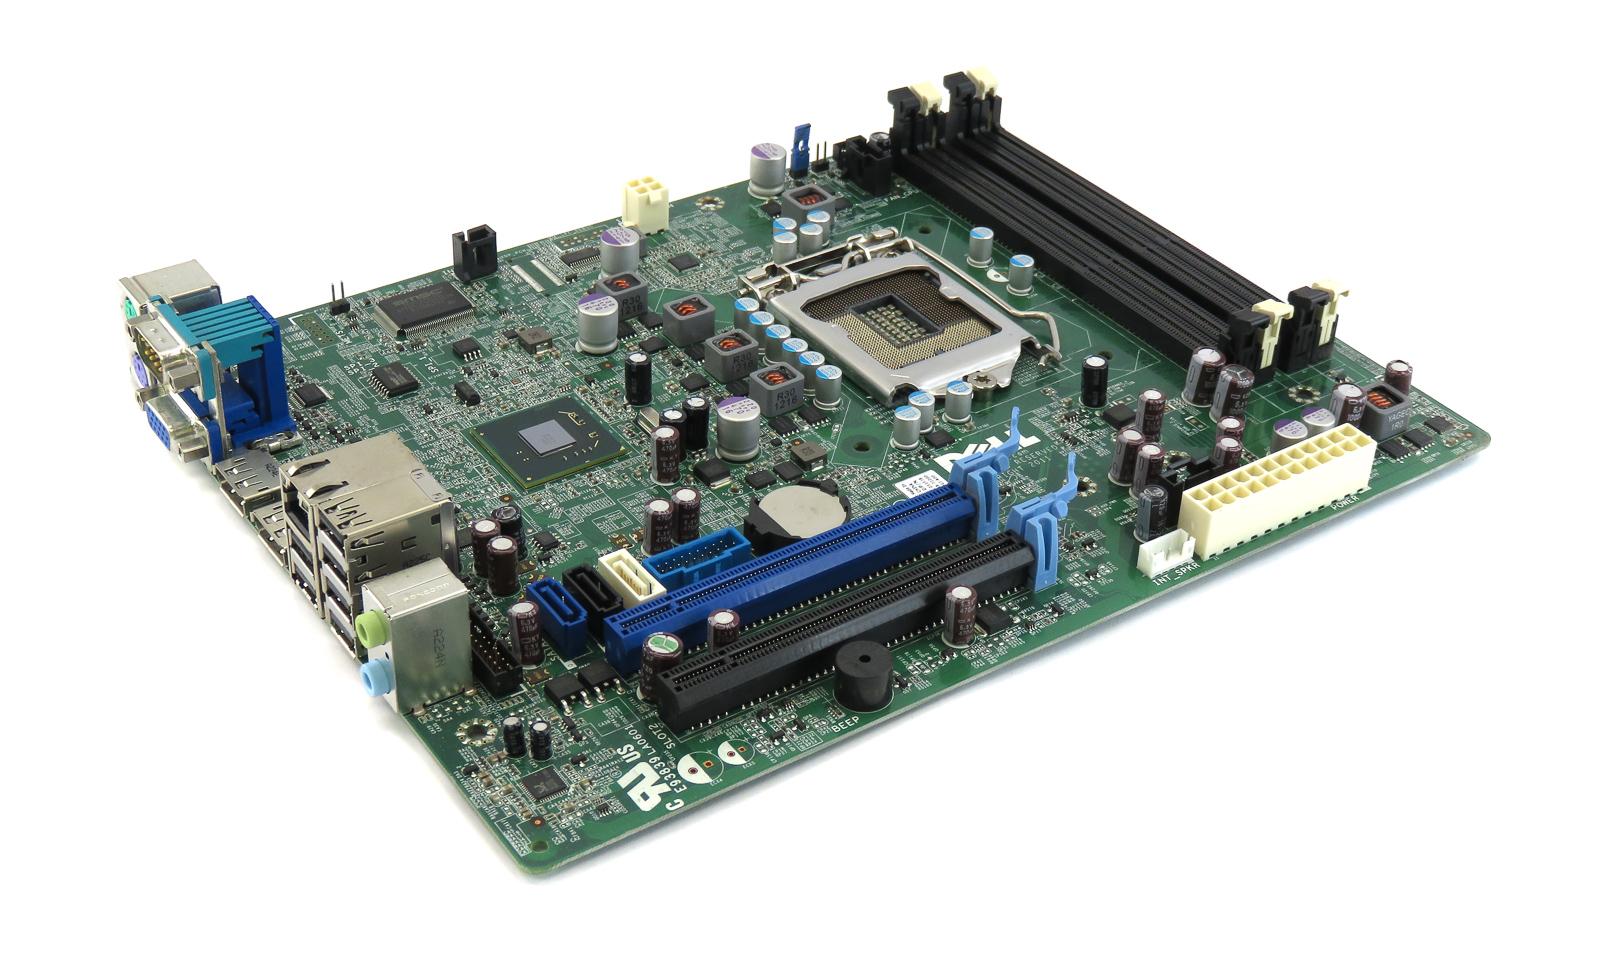 51FJ8 Dell Socket LGA1155 Motherboard f/ OptiPlex 9010 SFF PC